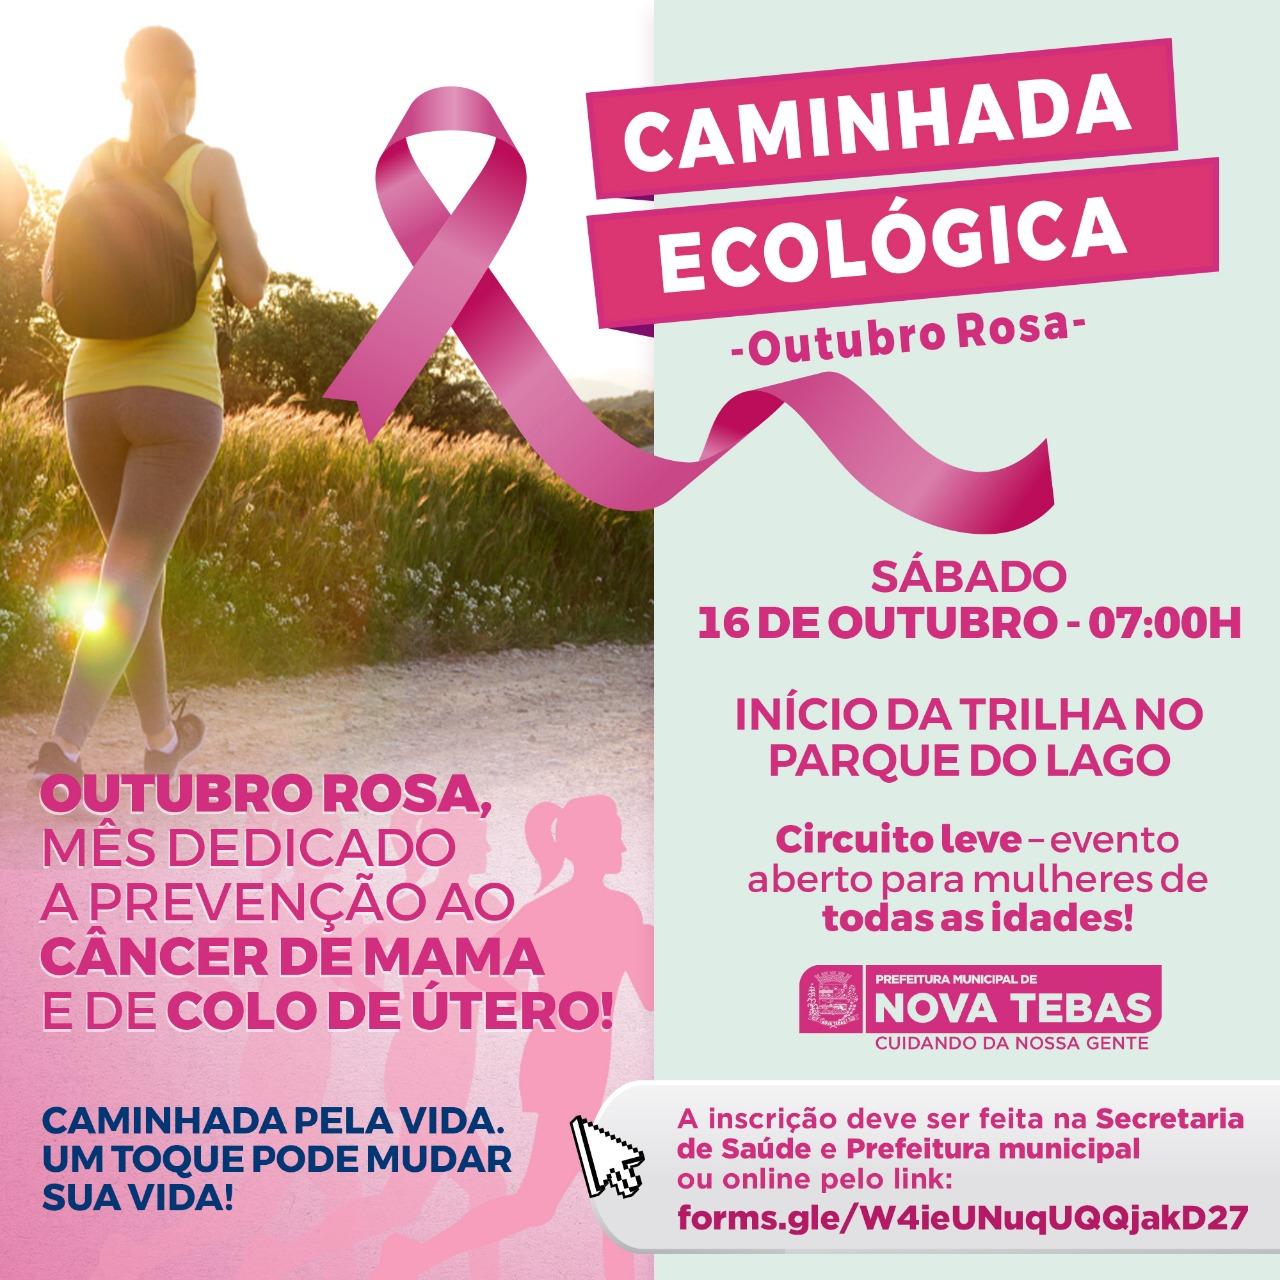 Caminhada Ecológica - OUTUBRO ROSA #PARTICIPE